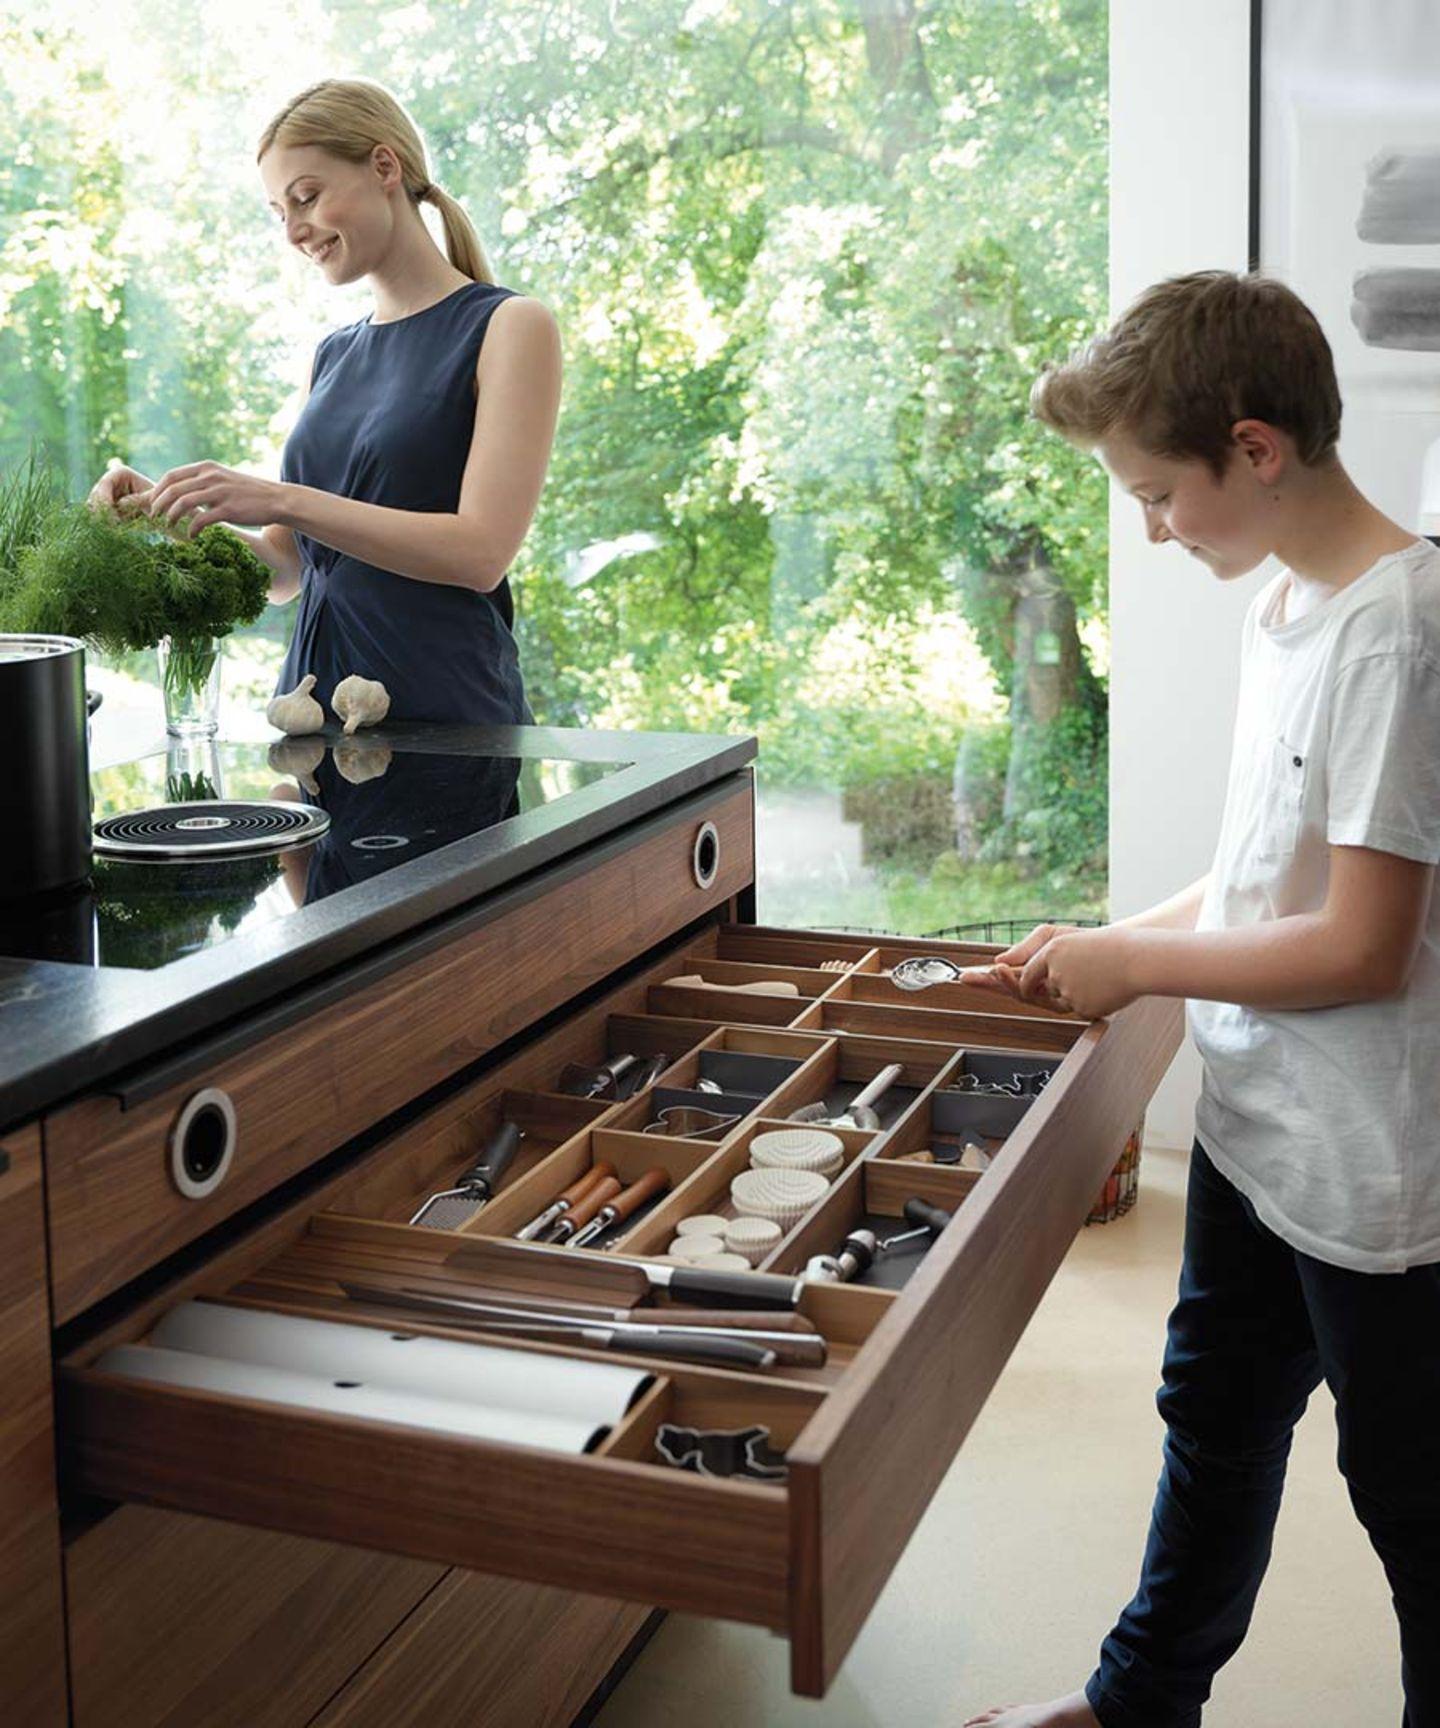 Cucina in legno naturale black line con pratica suddivisione interna dei cassetti